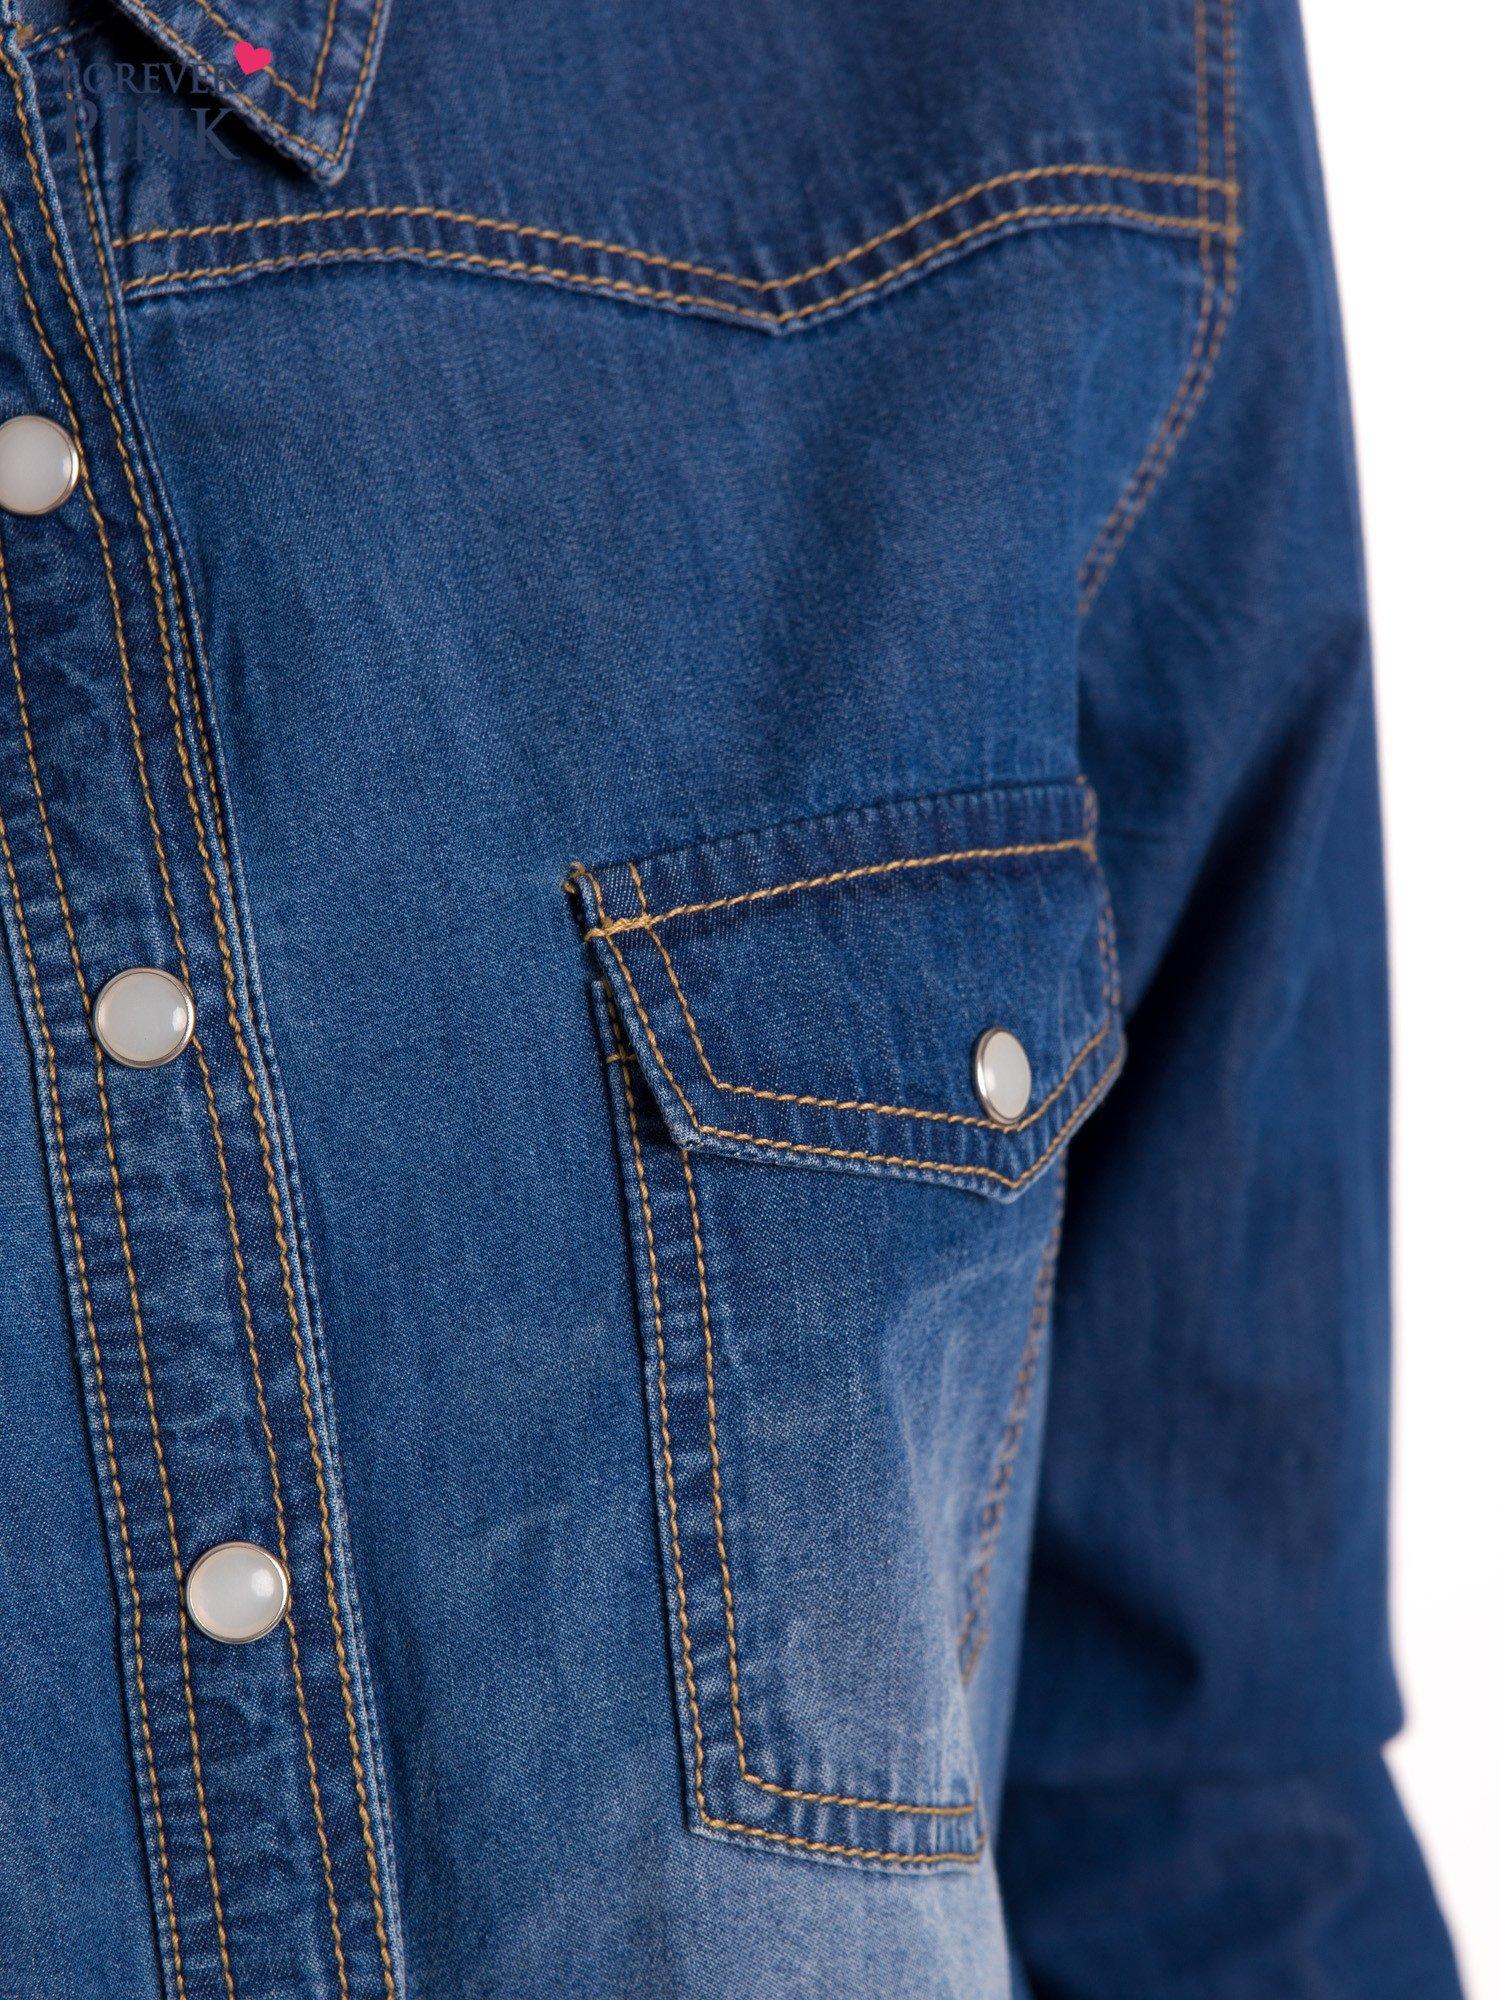 Niebieska jeansowa koszula z przetarciami                                  zdj.                                  5